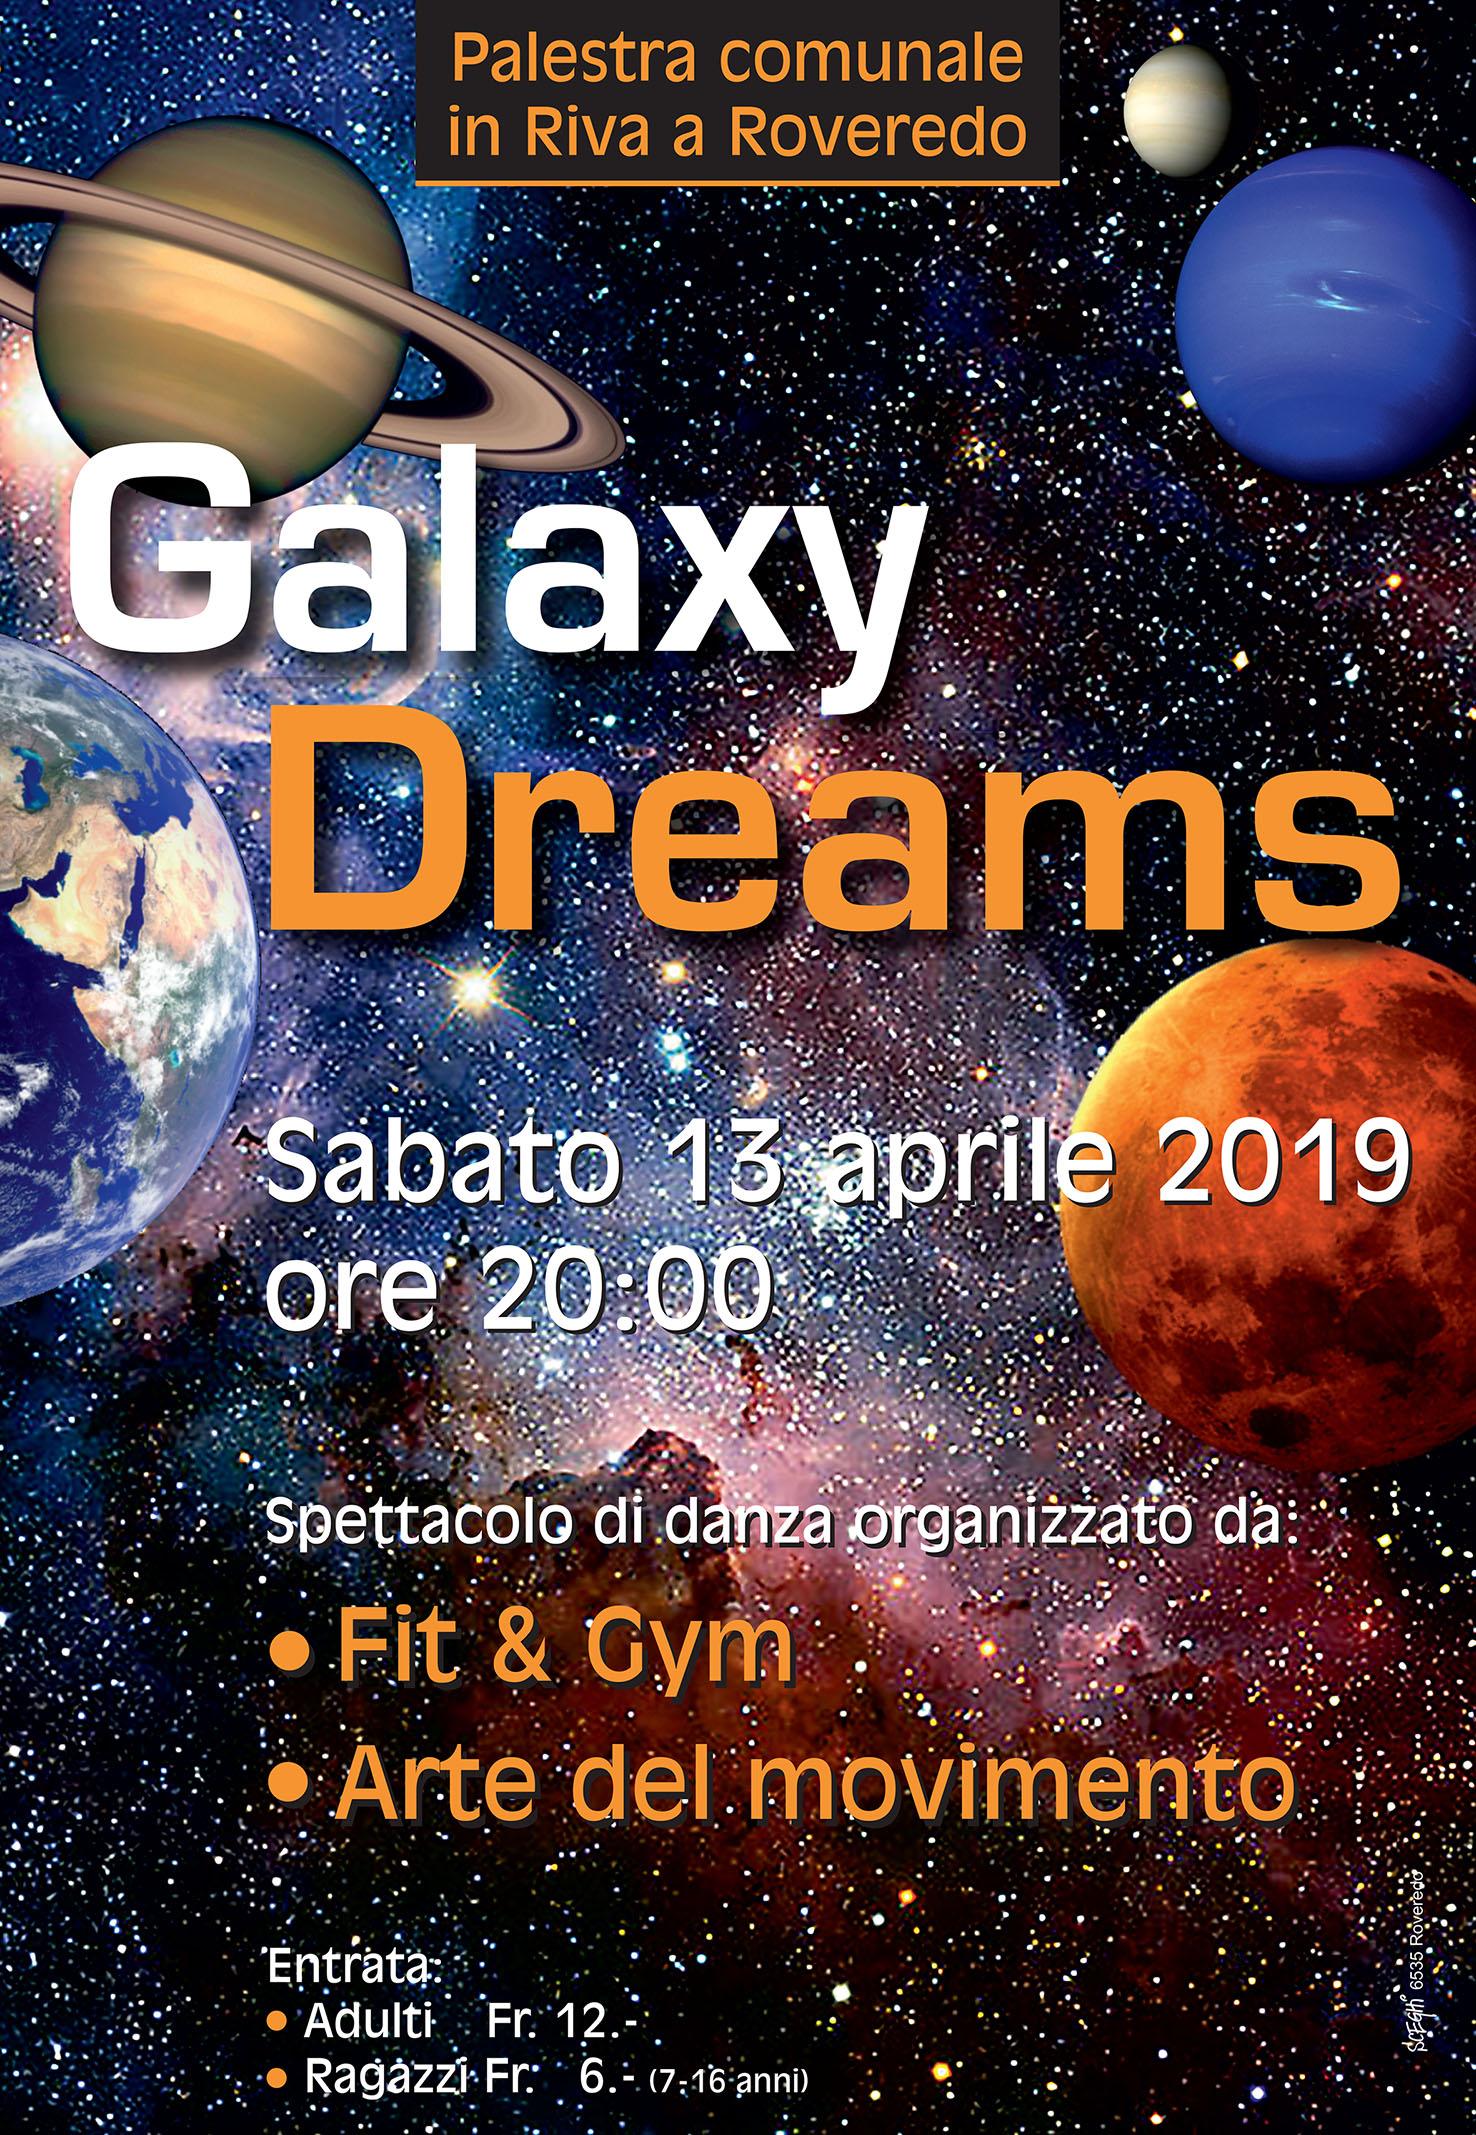 Galaxy Dreams Presso La Palestra Comunale In Riva A Roveredo